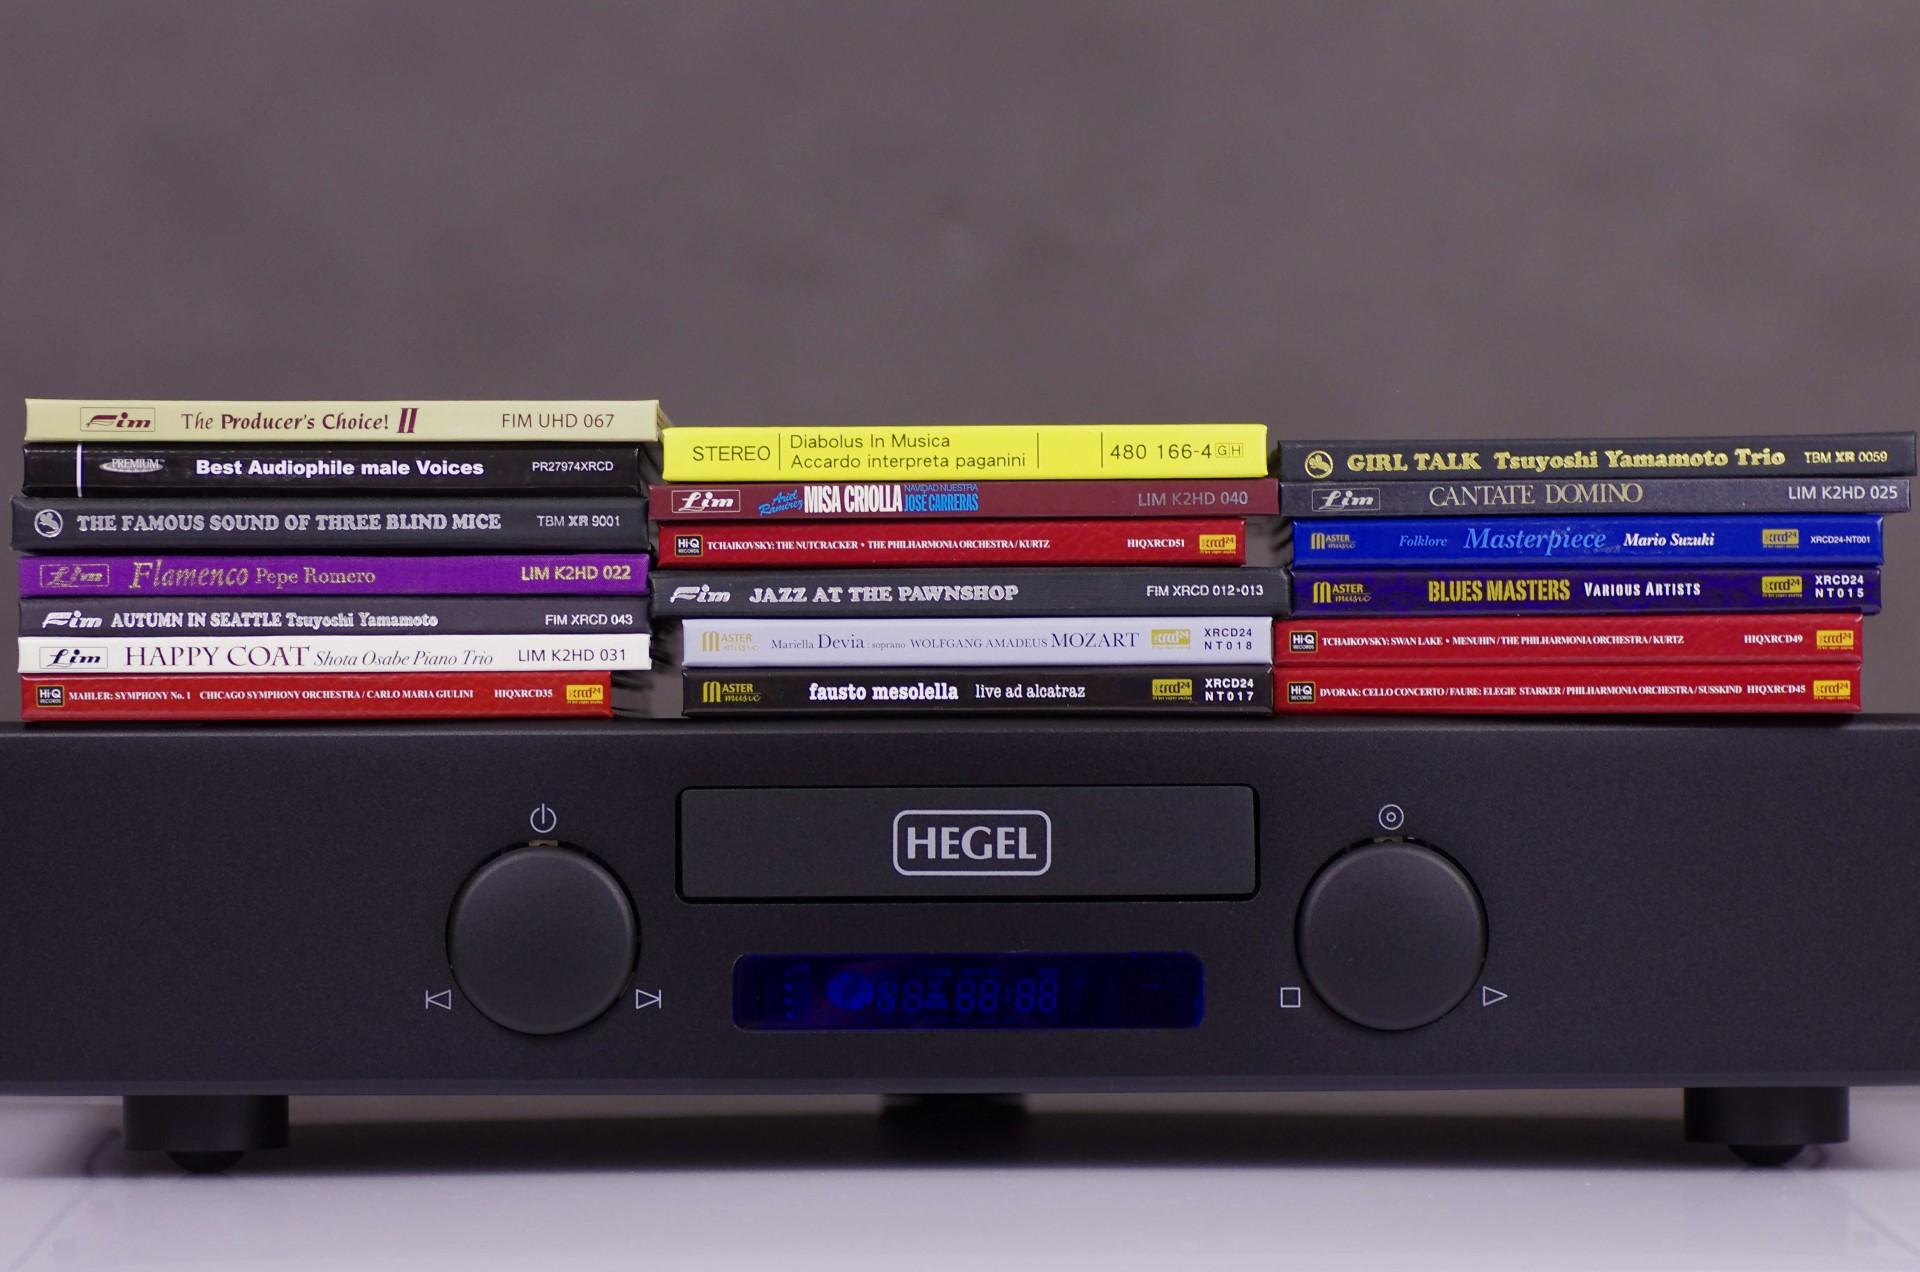 Крупные звукозаписывающие лейблы предлагают специальные издания, CD-боксы и юбилейные релизы, и люди склонны покупать новые версии тех же альбомов, просто стремясь получить более качественный звук, благодаря новейшим техническим достижениям